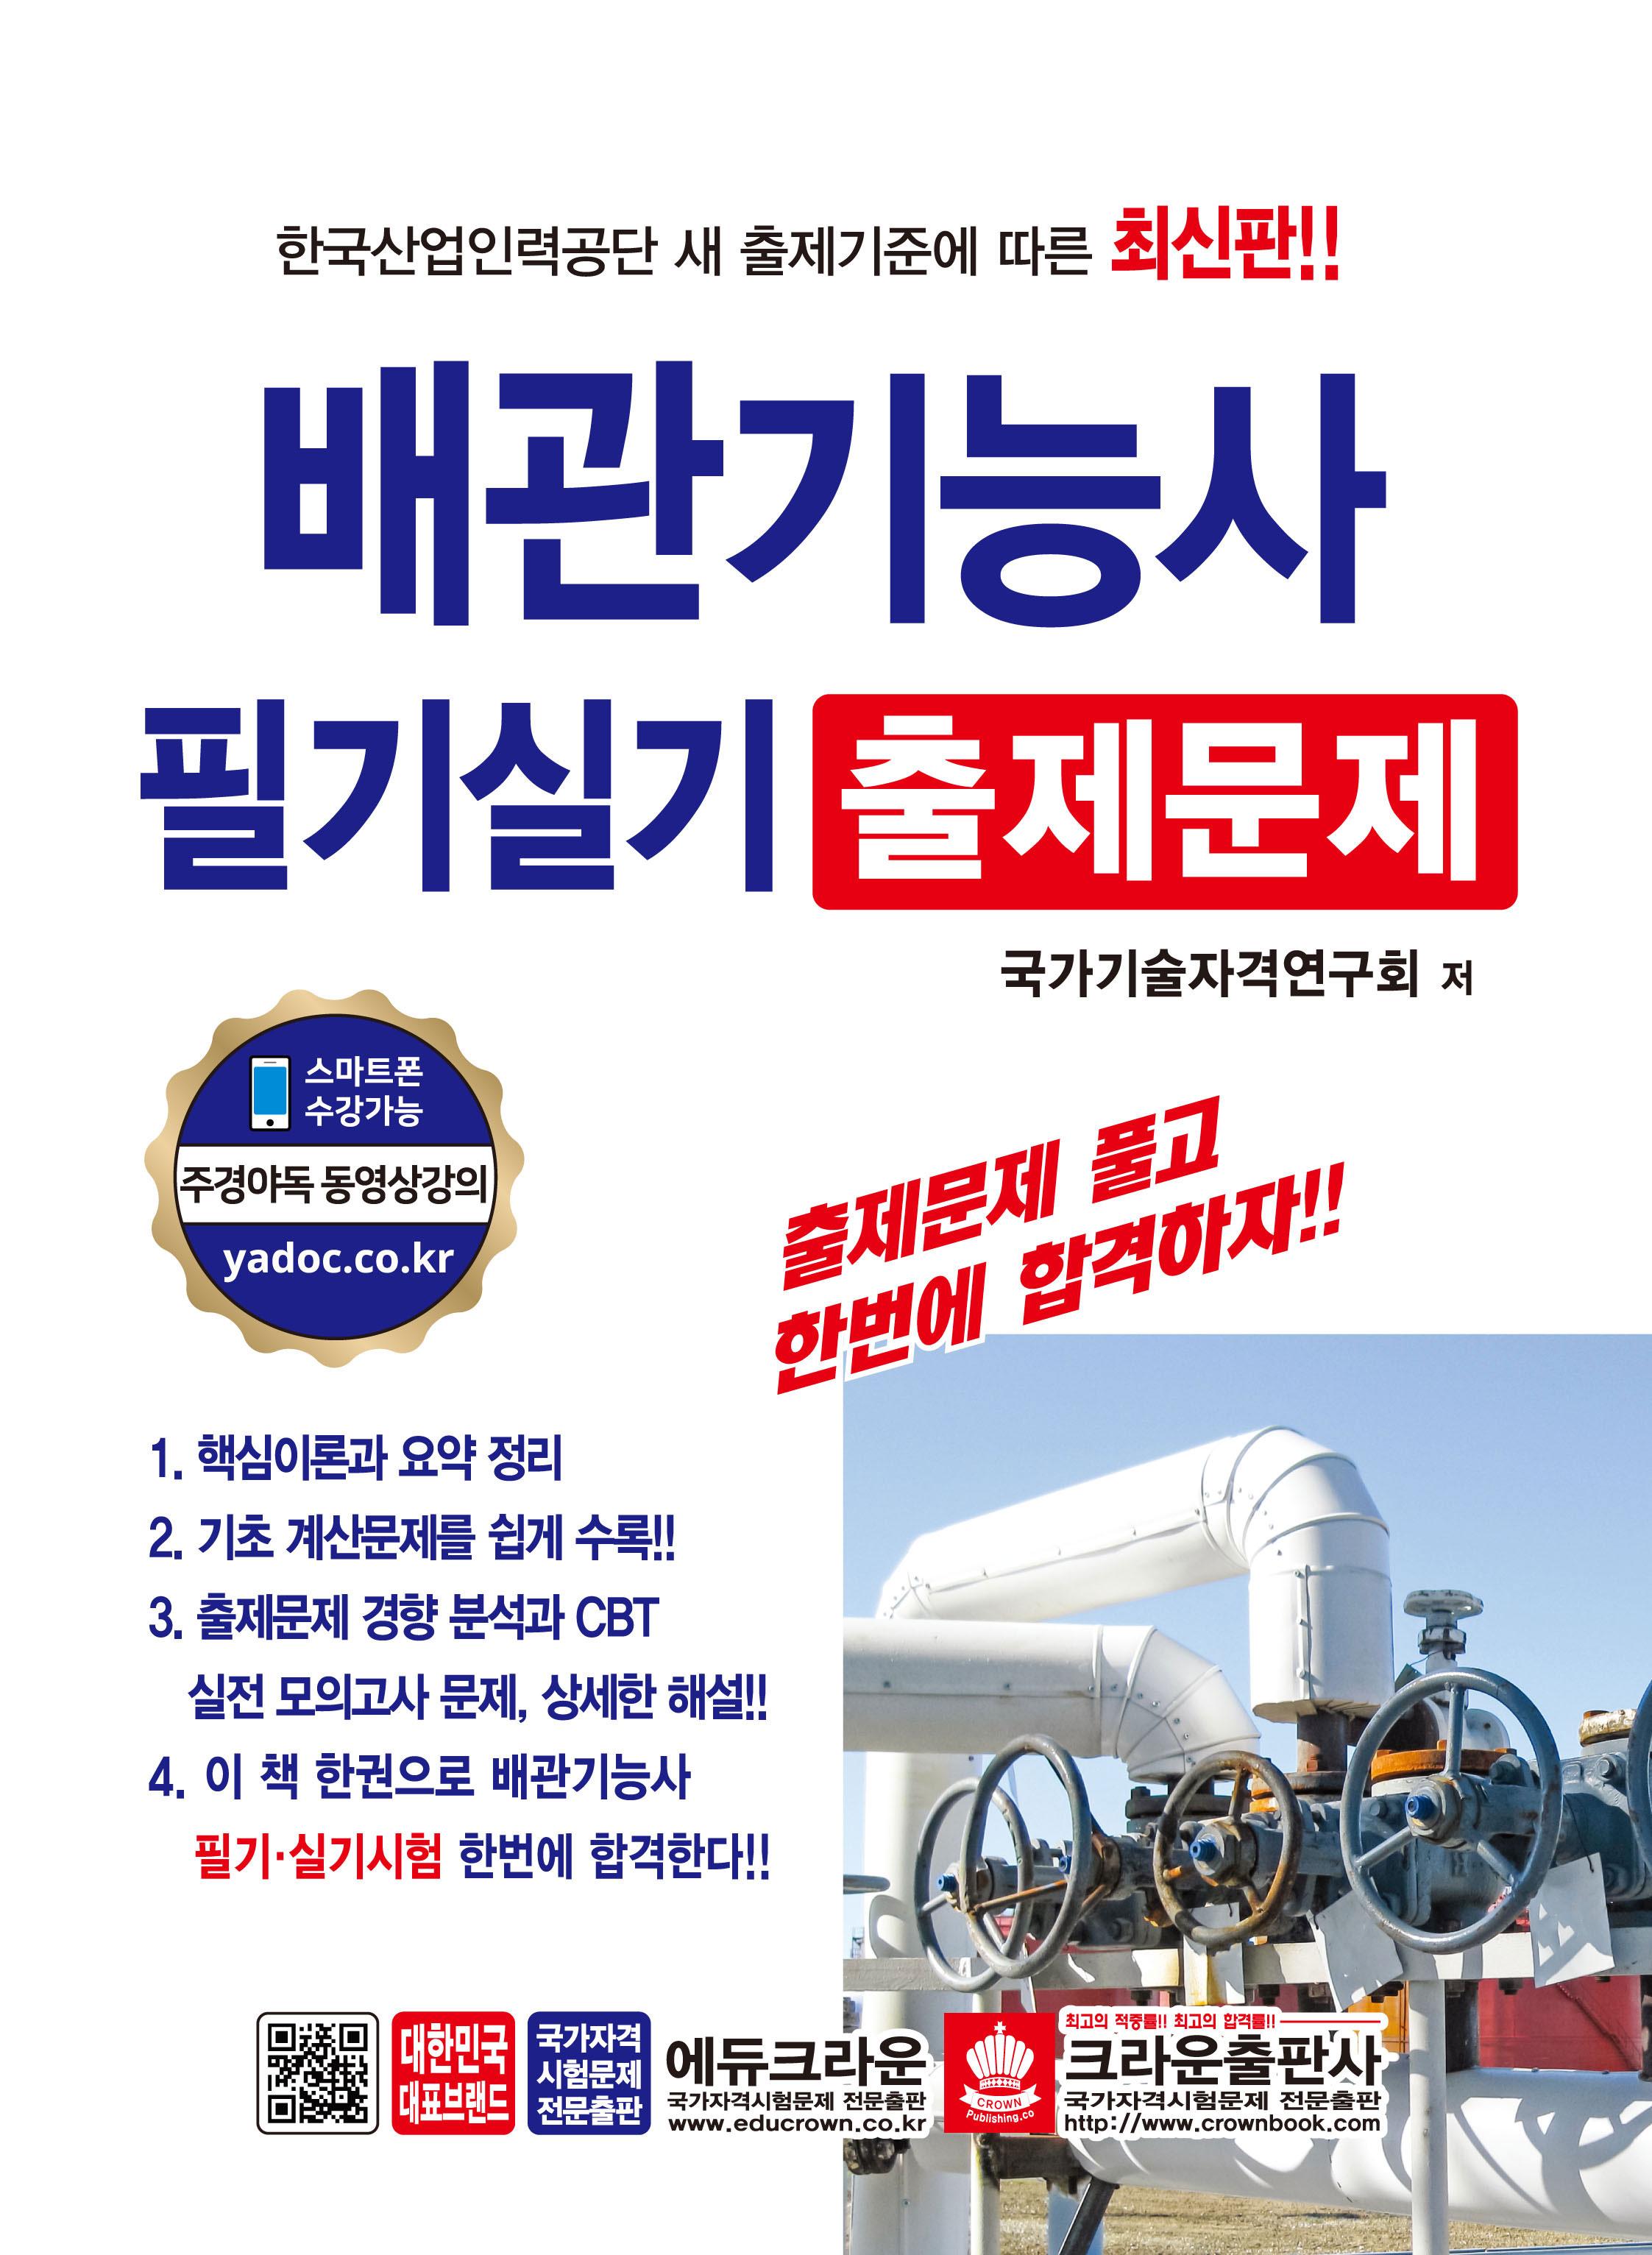 배관기능사 필기실기 출제문제(개정2판1쇄)